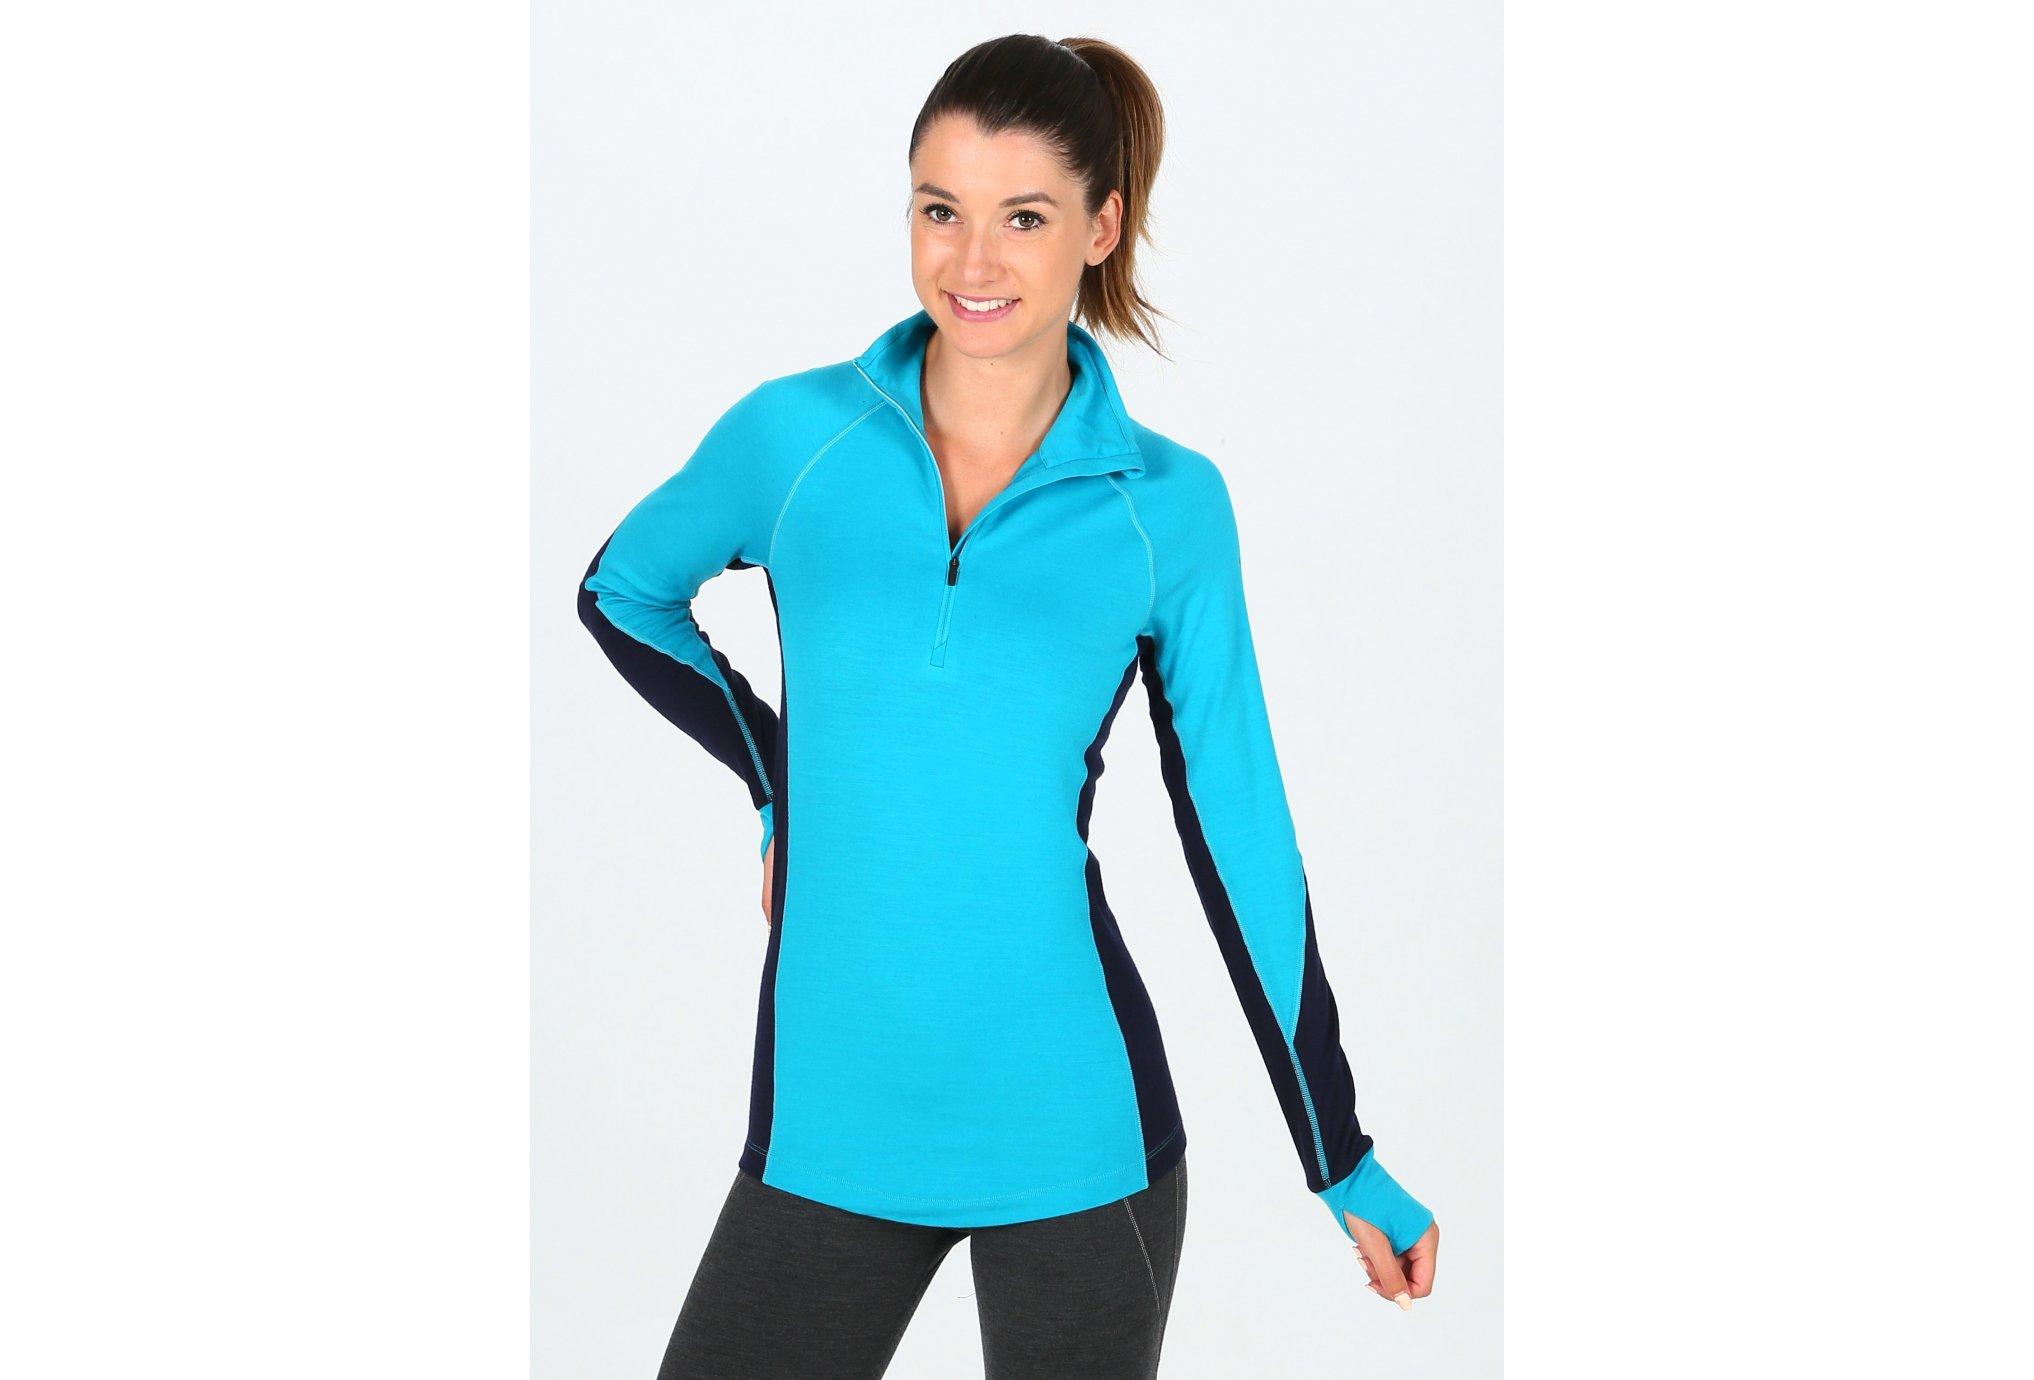 Icebreaker BodyfitZONE 260 W Diététique Vêtements femme